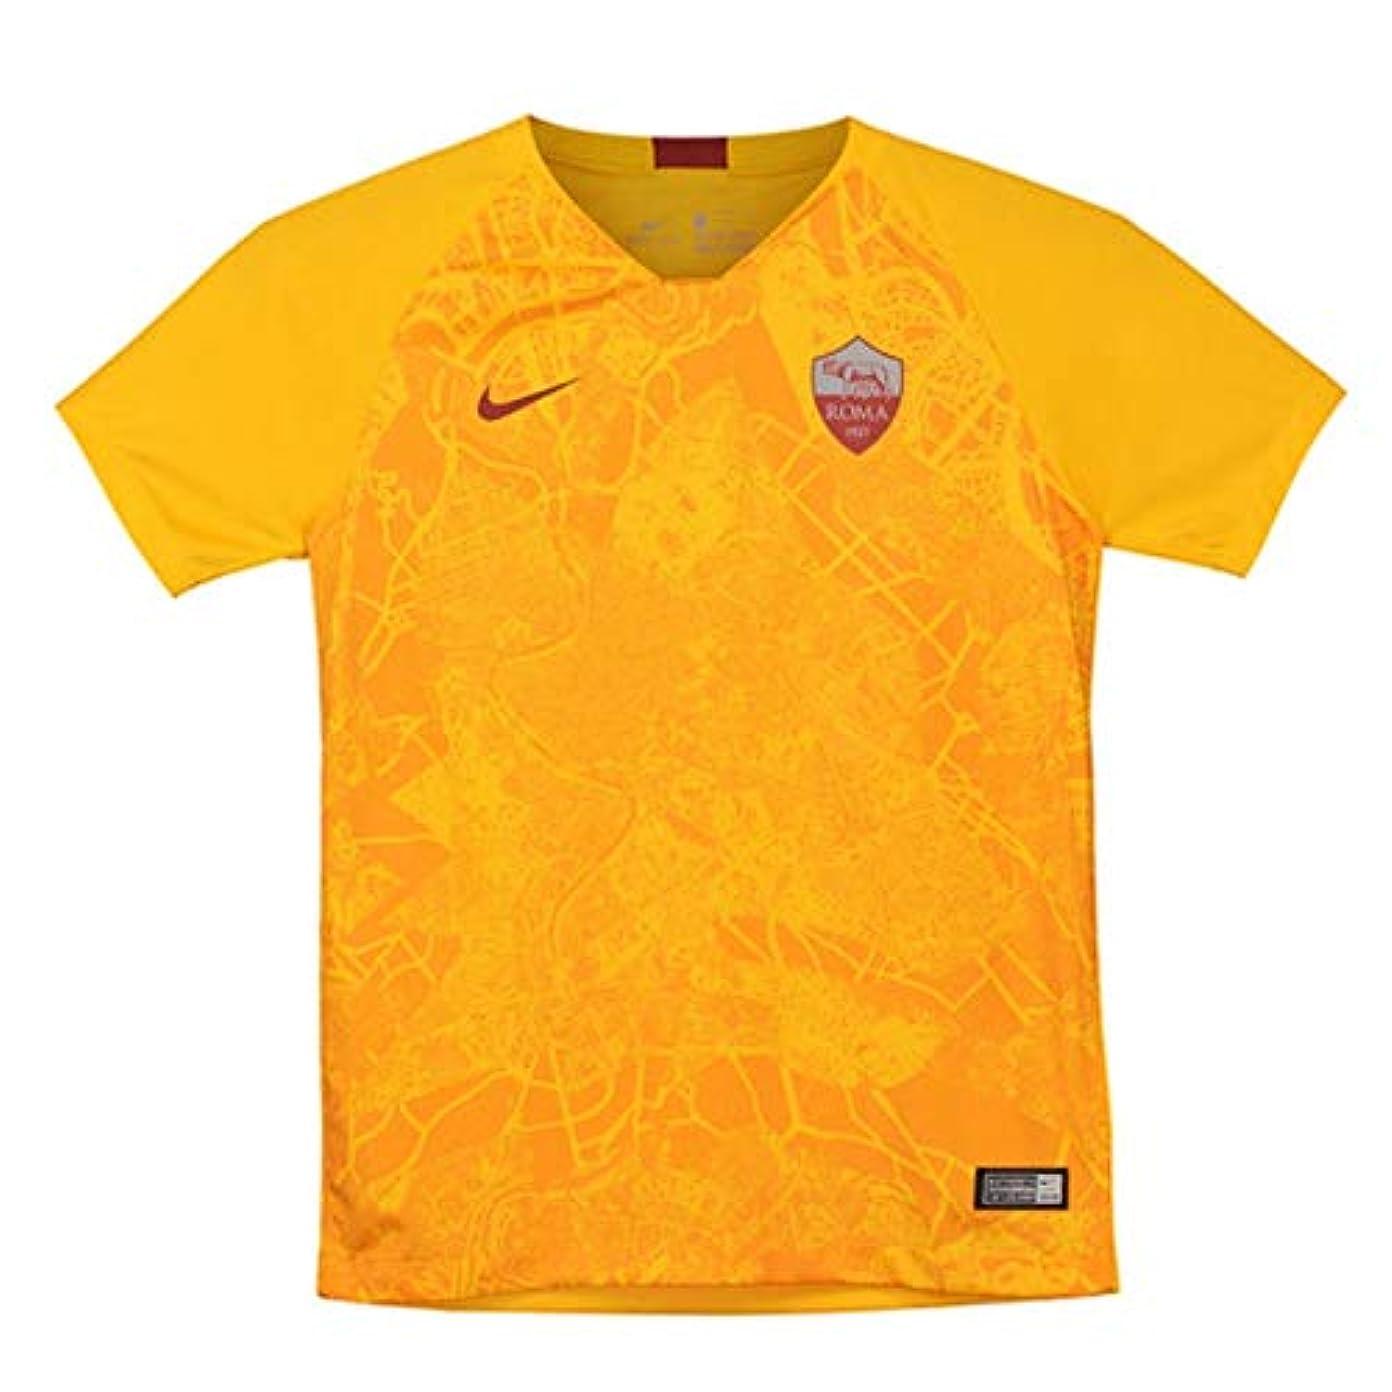 純粋な核準備する2018-2019 AS Roma Third Nike Football Shirt (Kids)